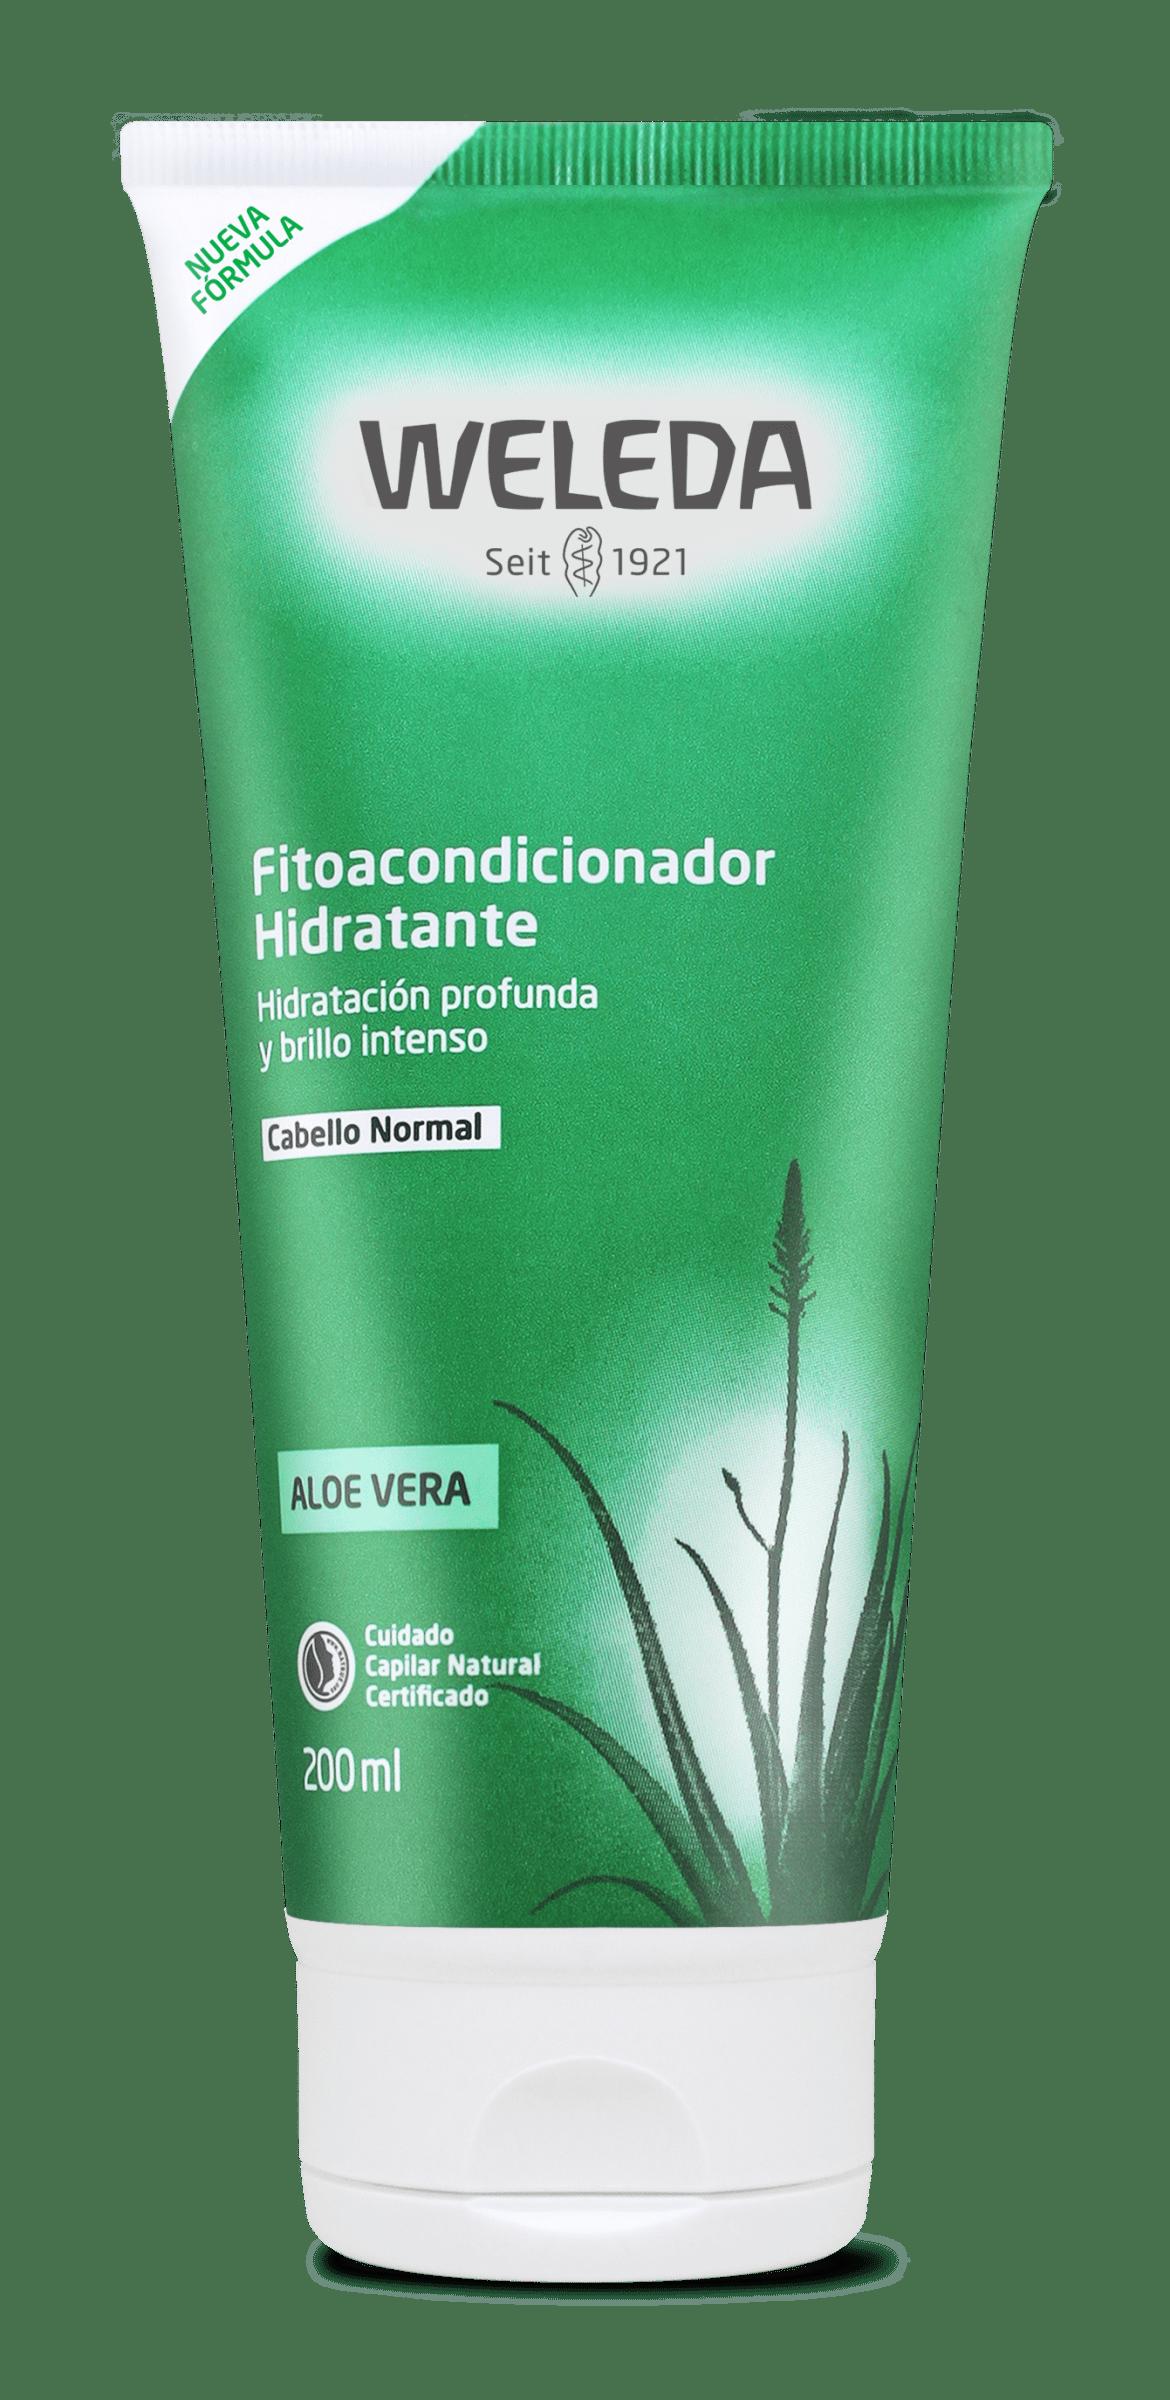 FITOACONDICIONADOR HIDRATANTE DE ALOE - WELEDA